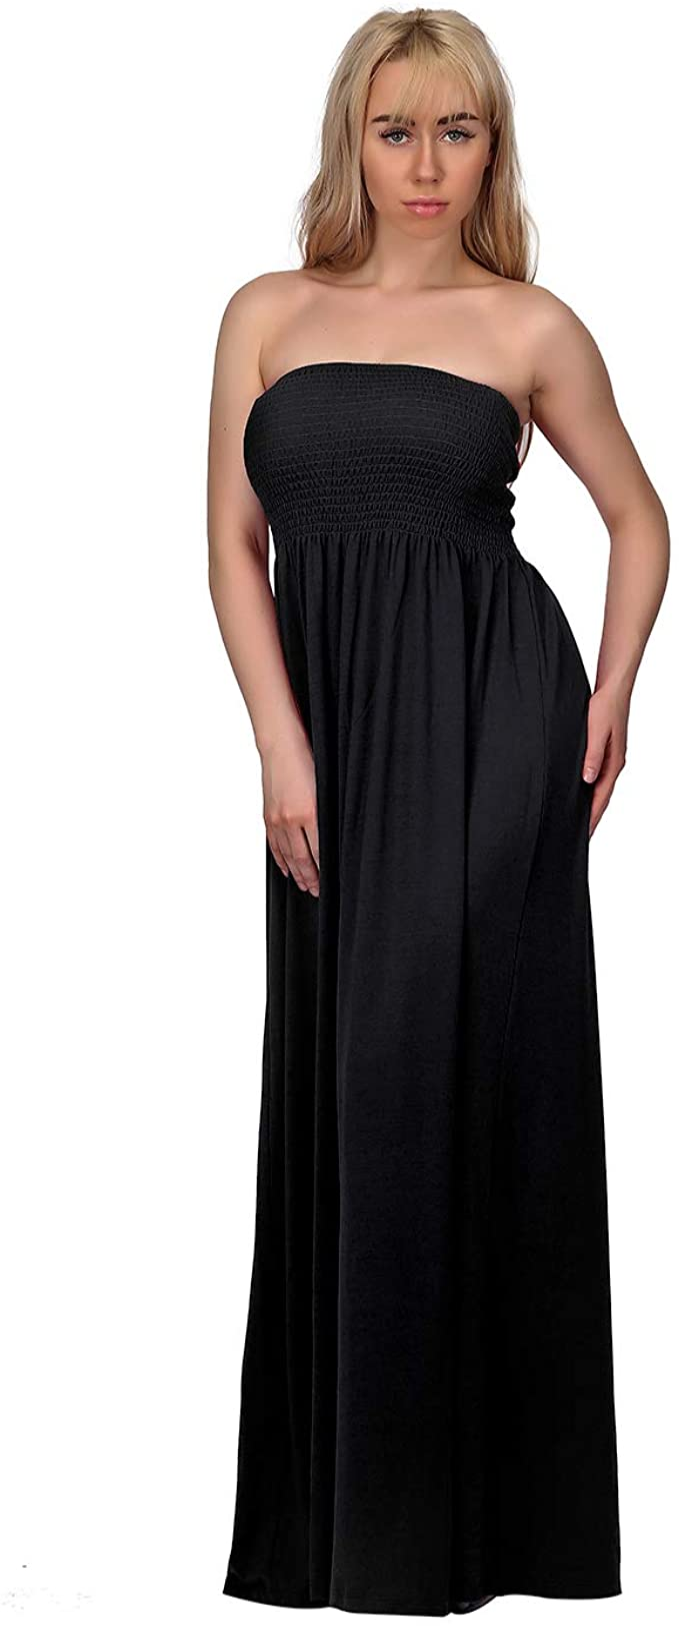 HDE Women\'s Strapless Maxi Dress Plus Size Tube Top Long Skirt Sundress  Cover Up